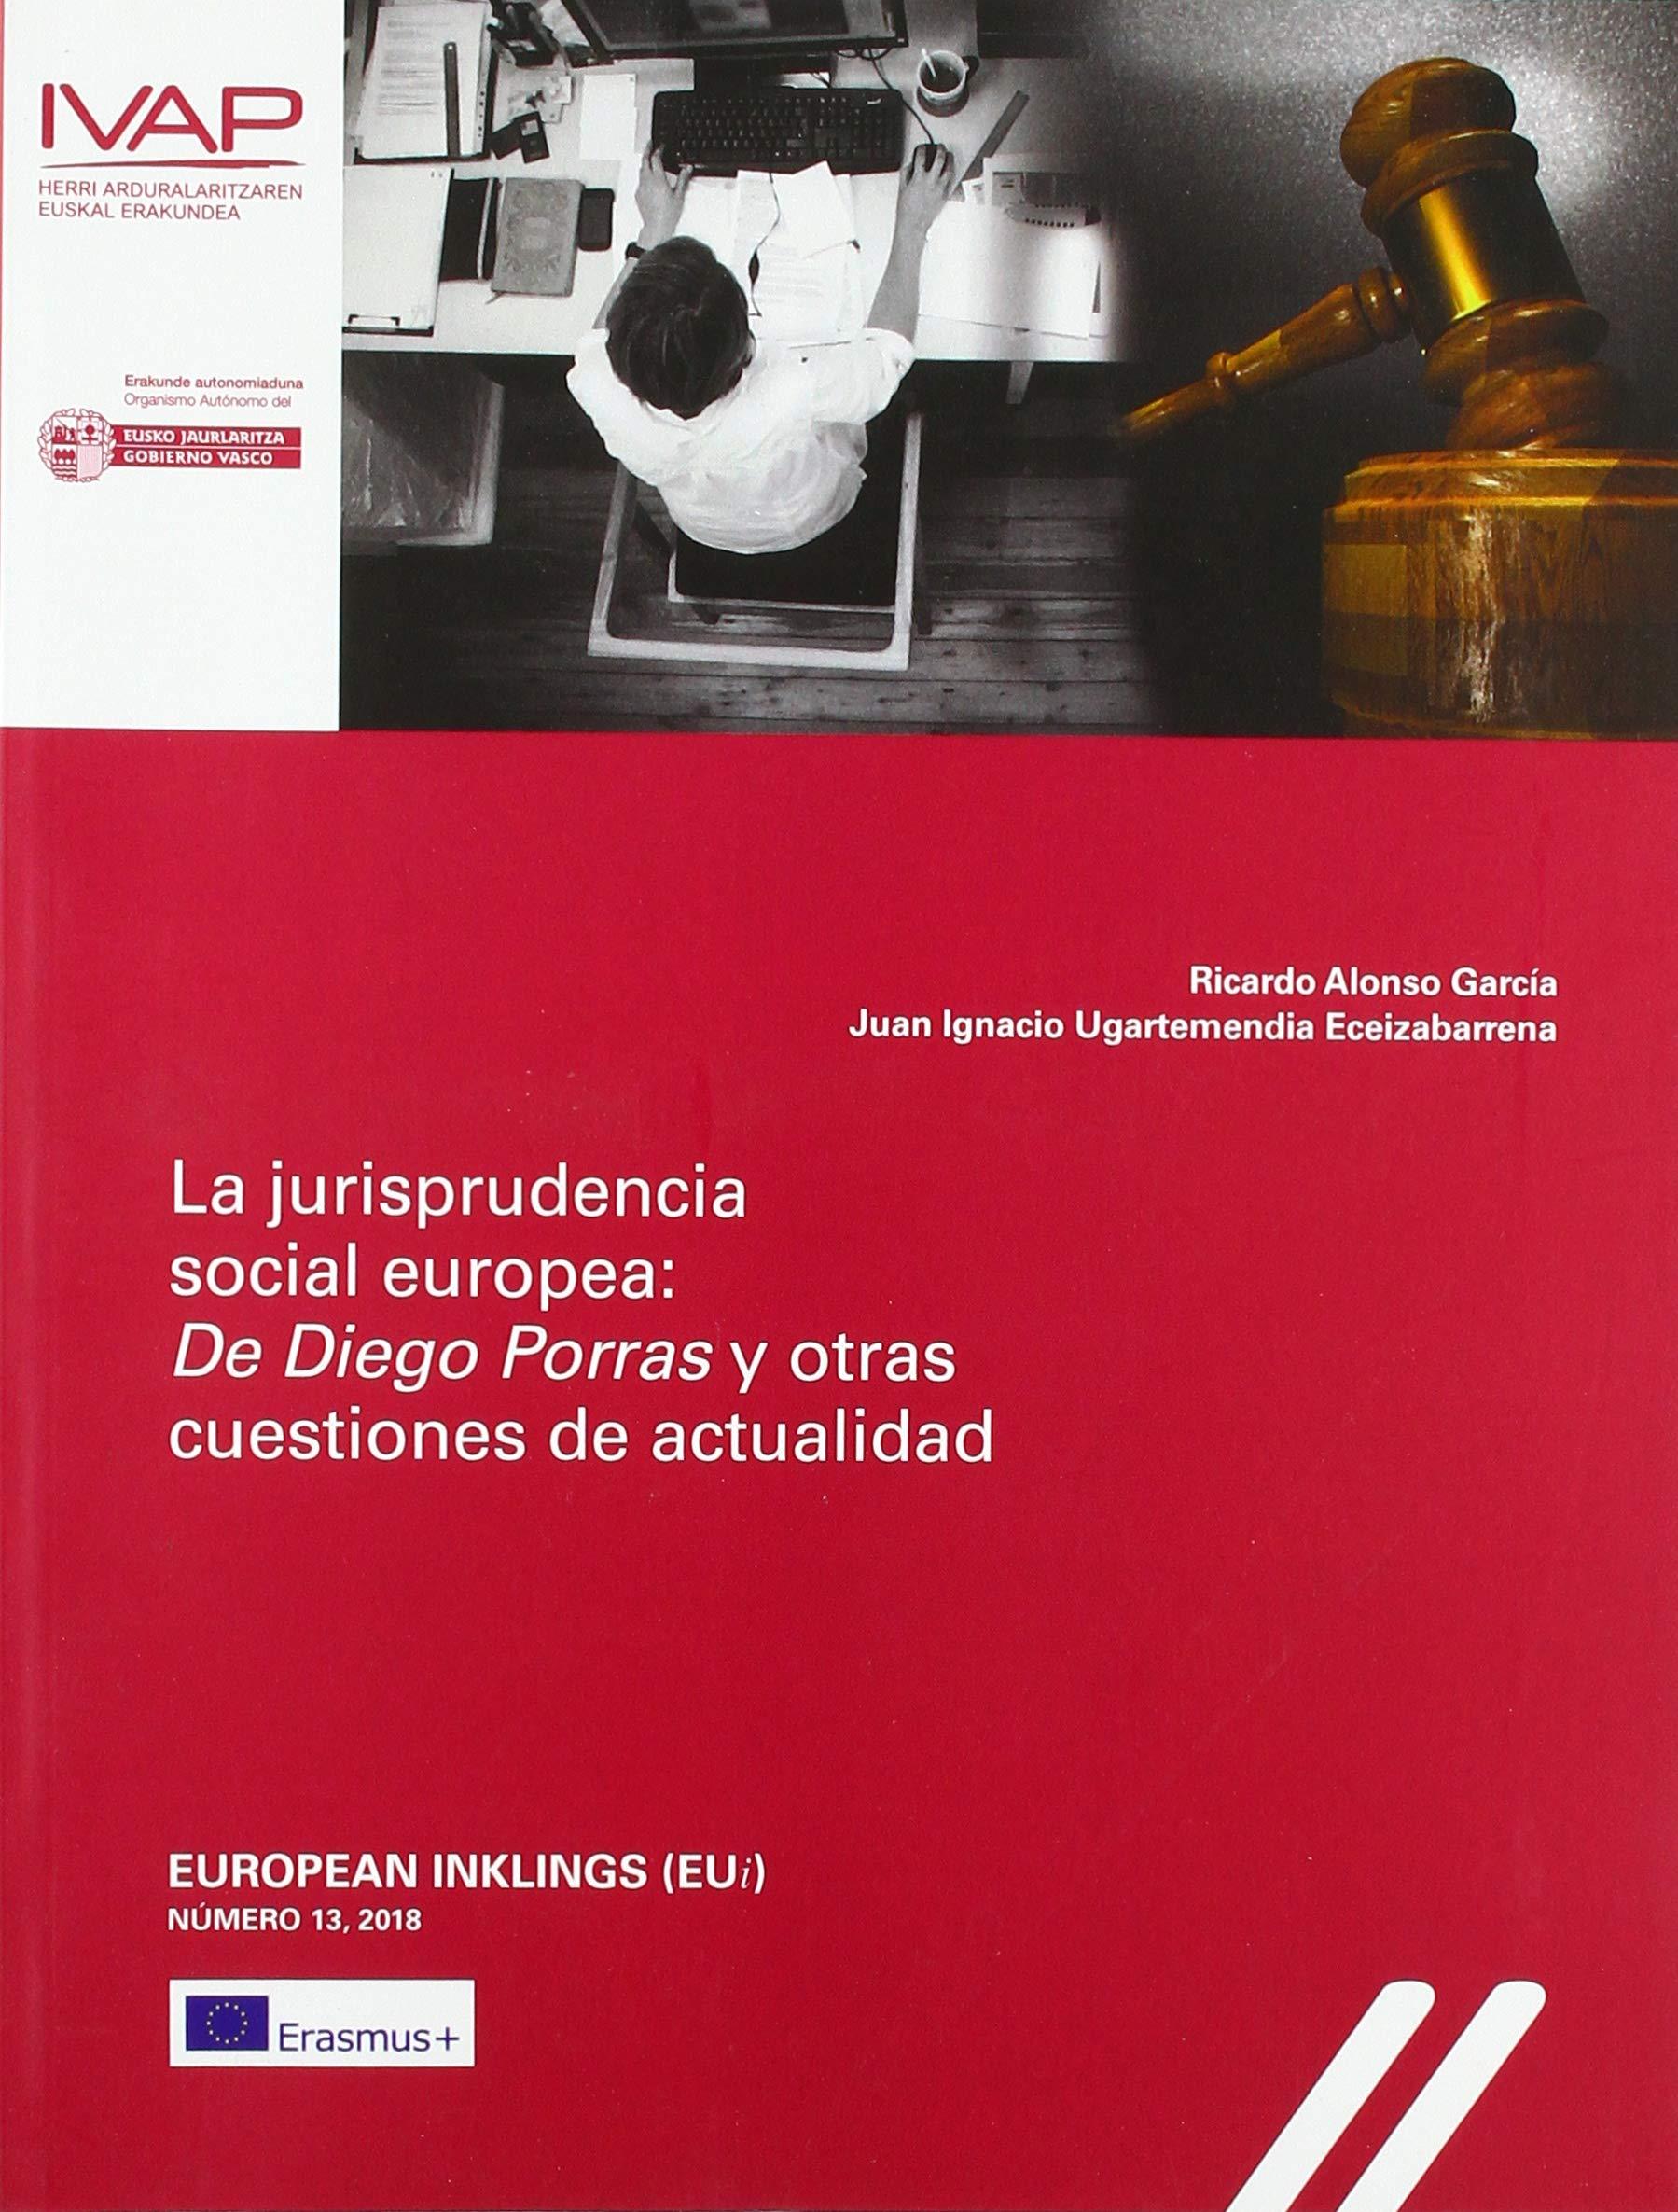 La jurisprudencia social europea: De Diego Porras y otras cuestiones de actualidad: Amazon.es: Ricardo Alonso García, Juan Ignacio Ugartemendia ...